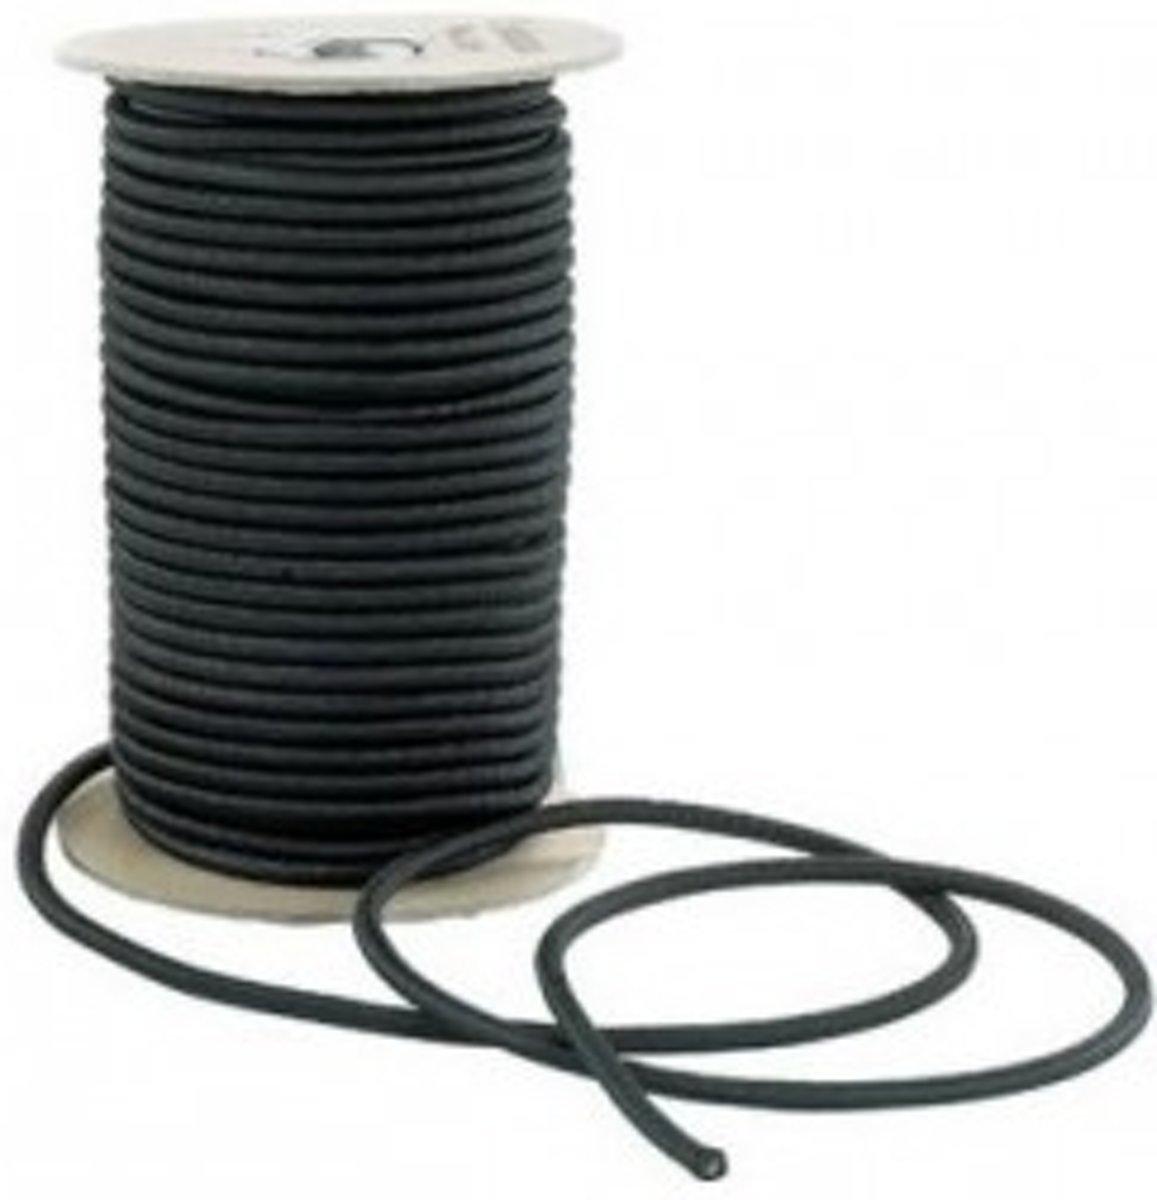 50 meter Elastisch Touw - 6mm - ZWART - elastiek op rol kopen